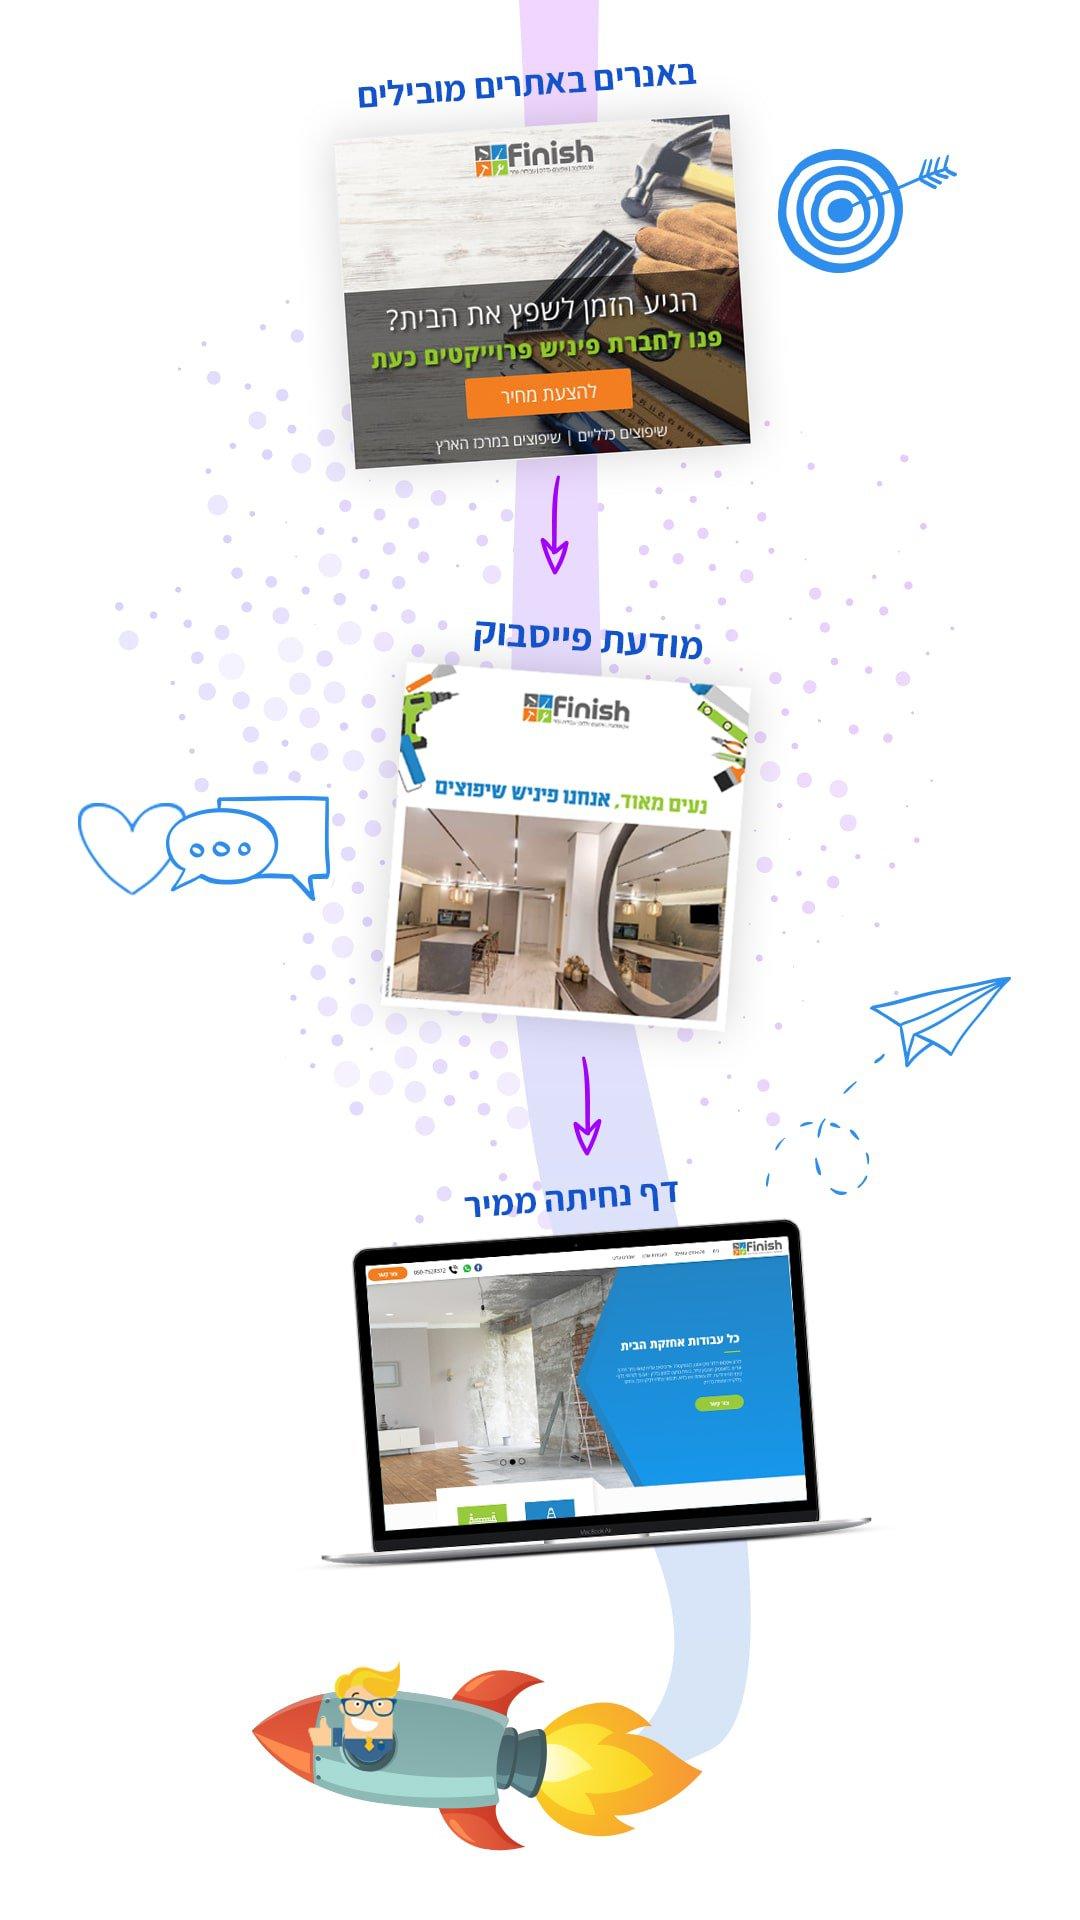 קמפיין לידים - חברה לבניית אתרים 3